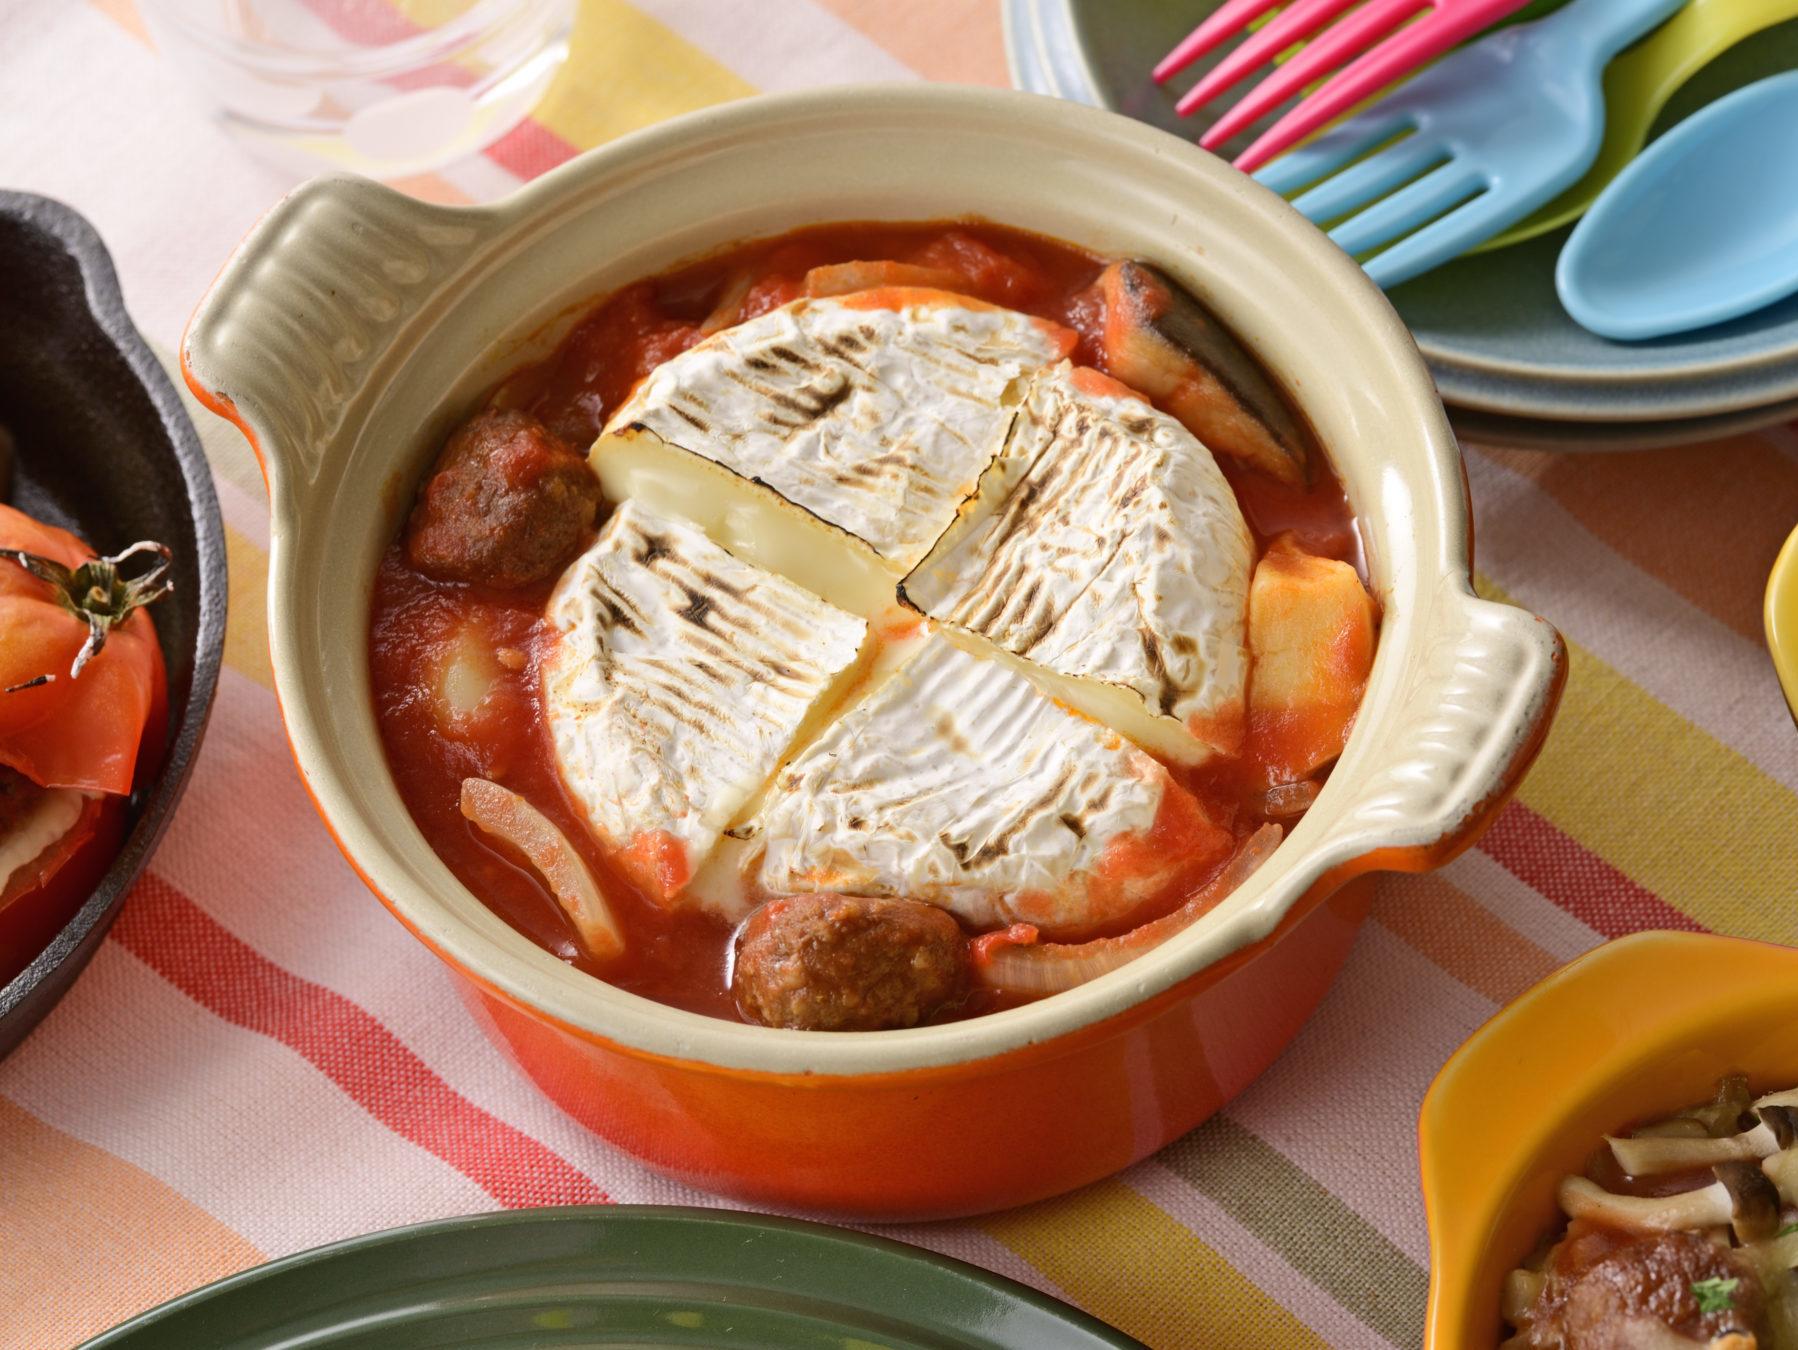 ミートボールとカマンベールチーズのトマトフォンデュ風鍋